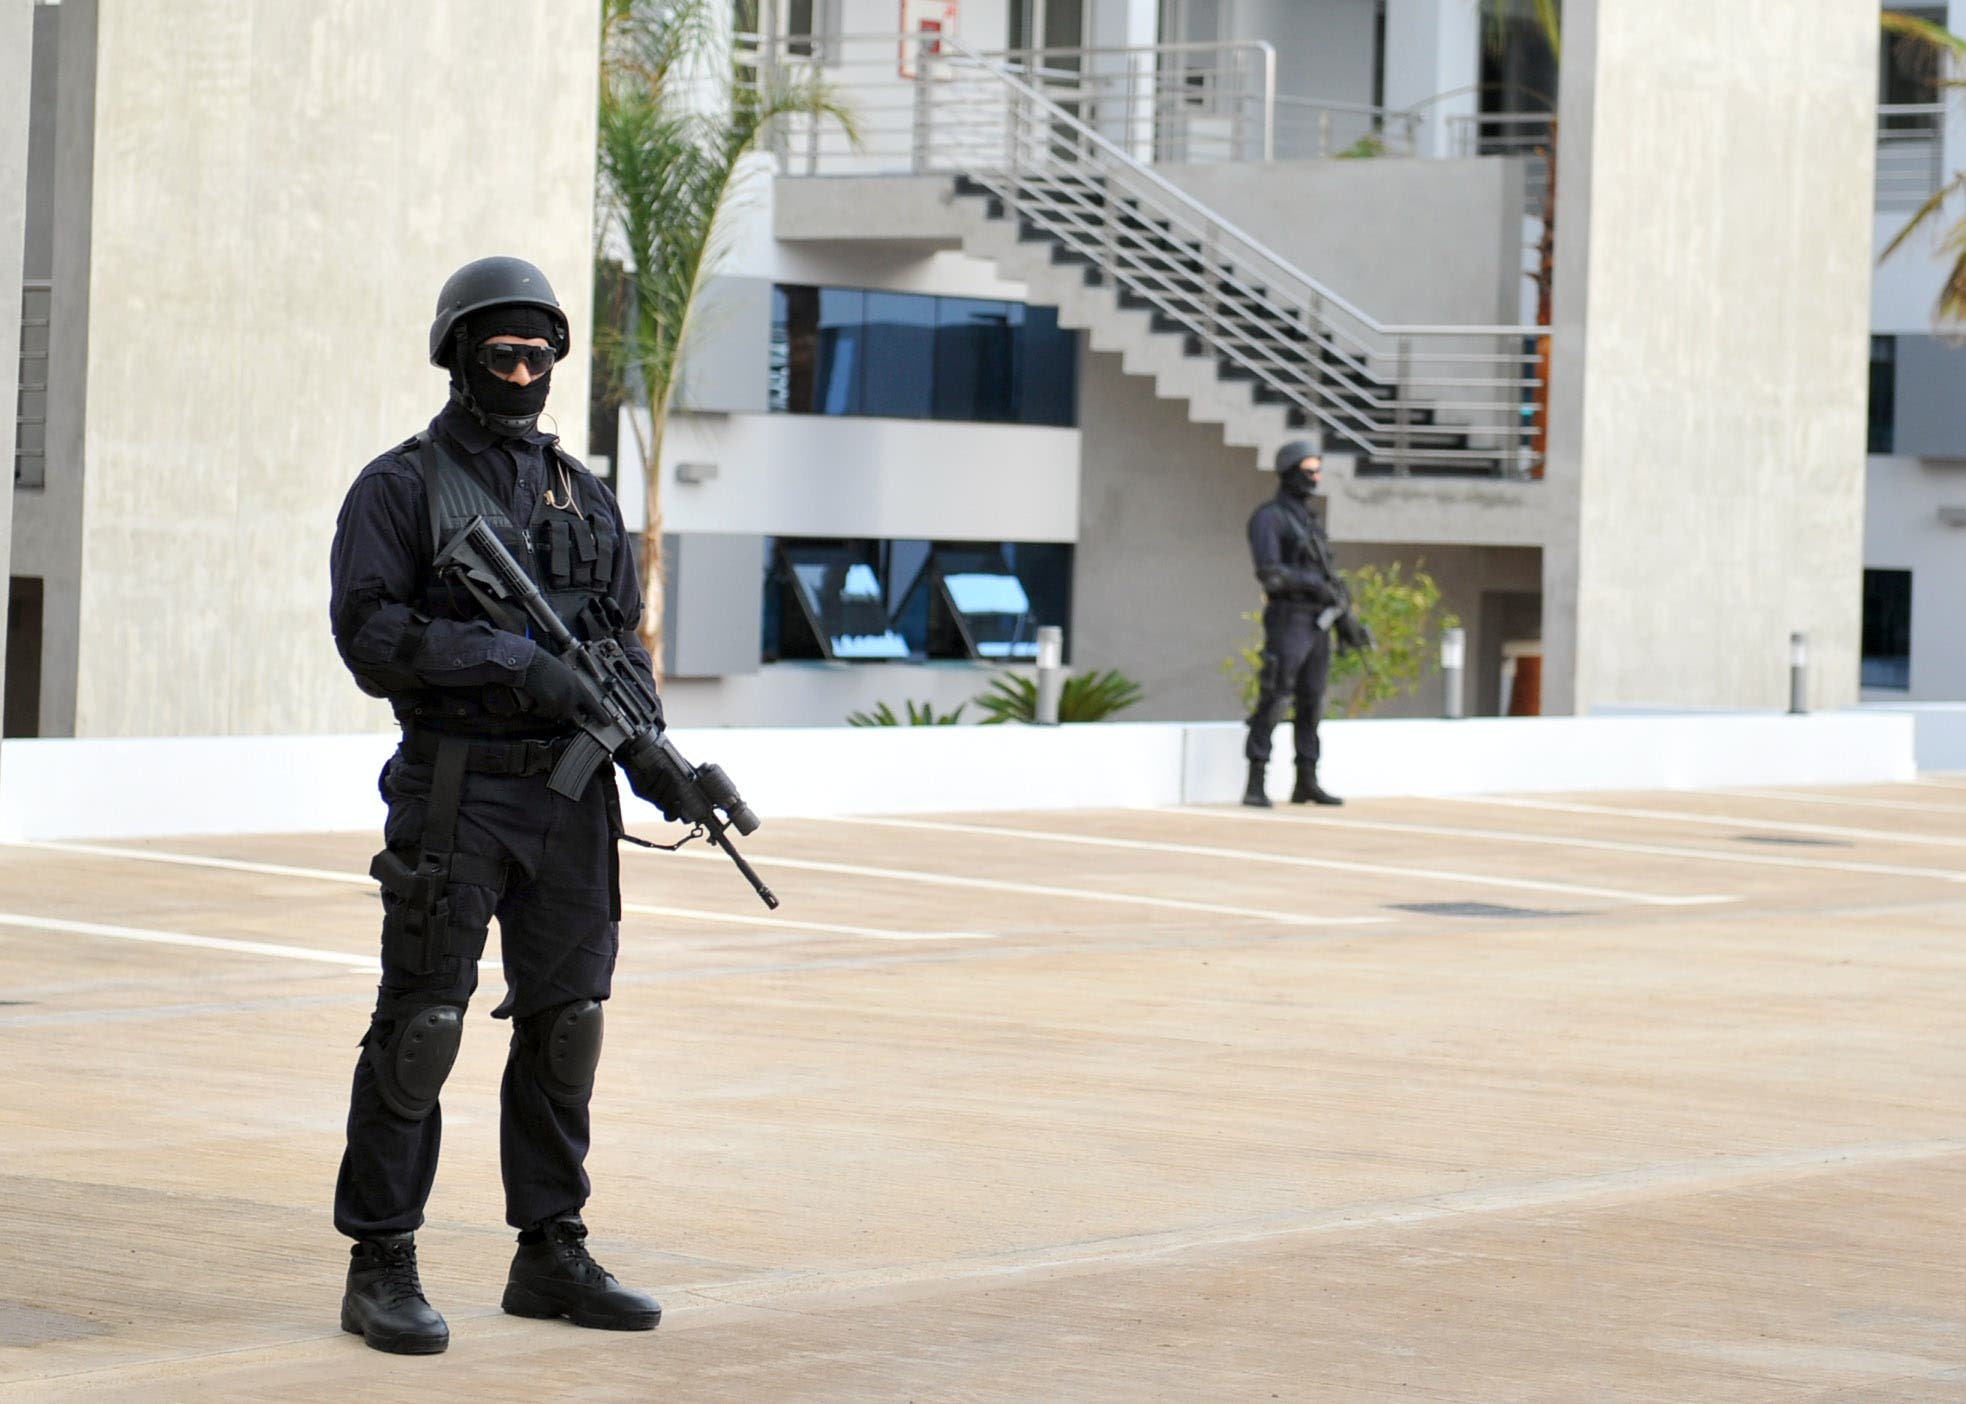 عناصر فرقة النخبة لمكتب محاربة الإرهاب؛ الصف الأول مغربيا في للتصدي للداعشيين